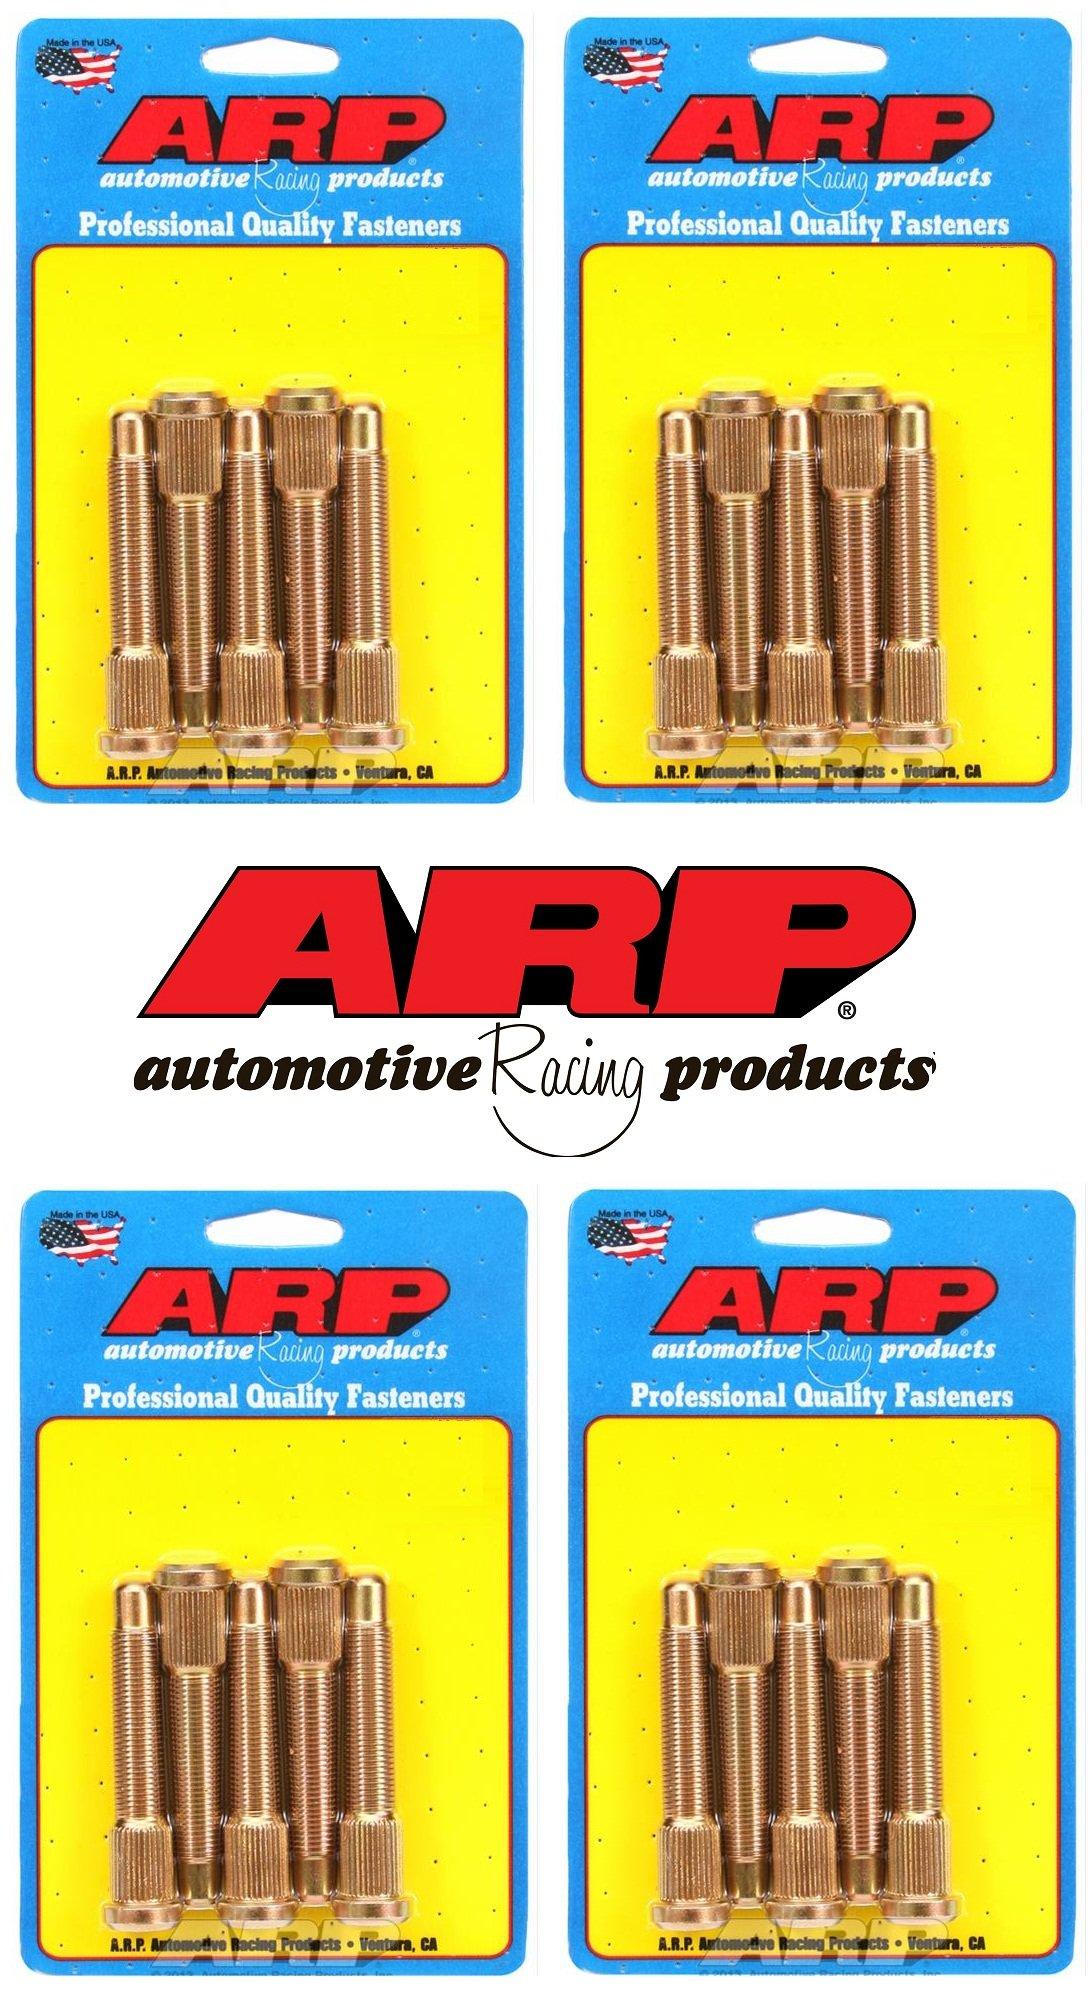 ARP Wheel Stud Kit For Speedway Drum Brake Axle (Set of 20)